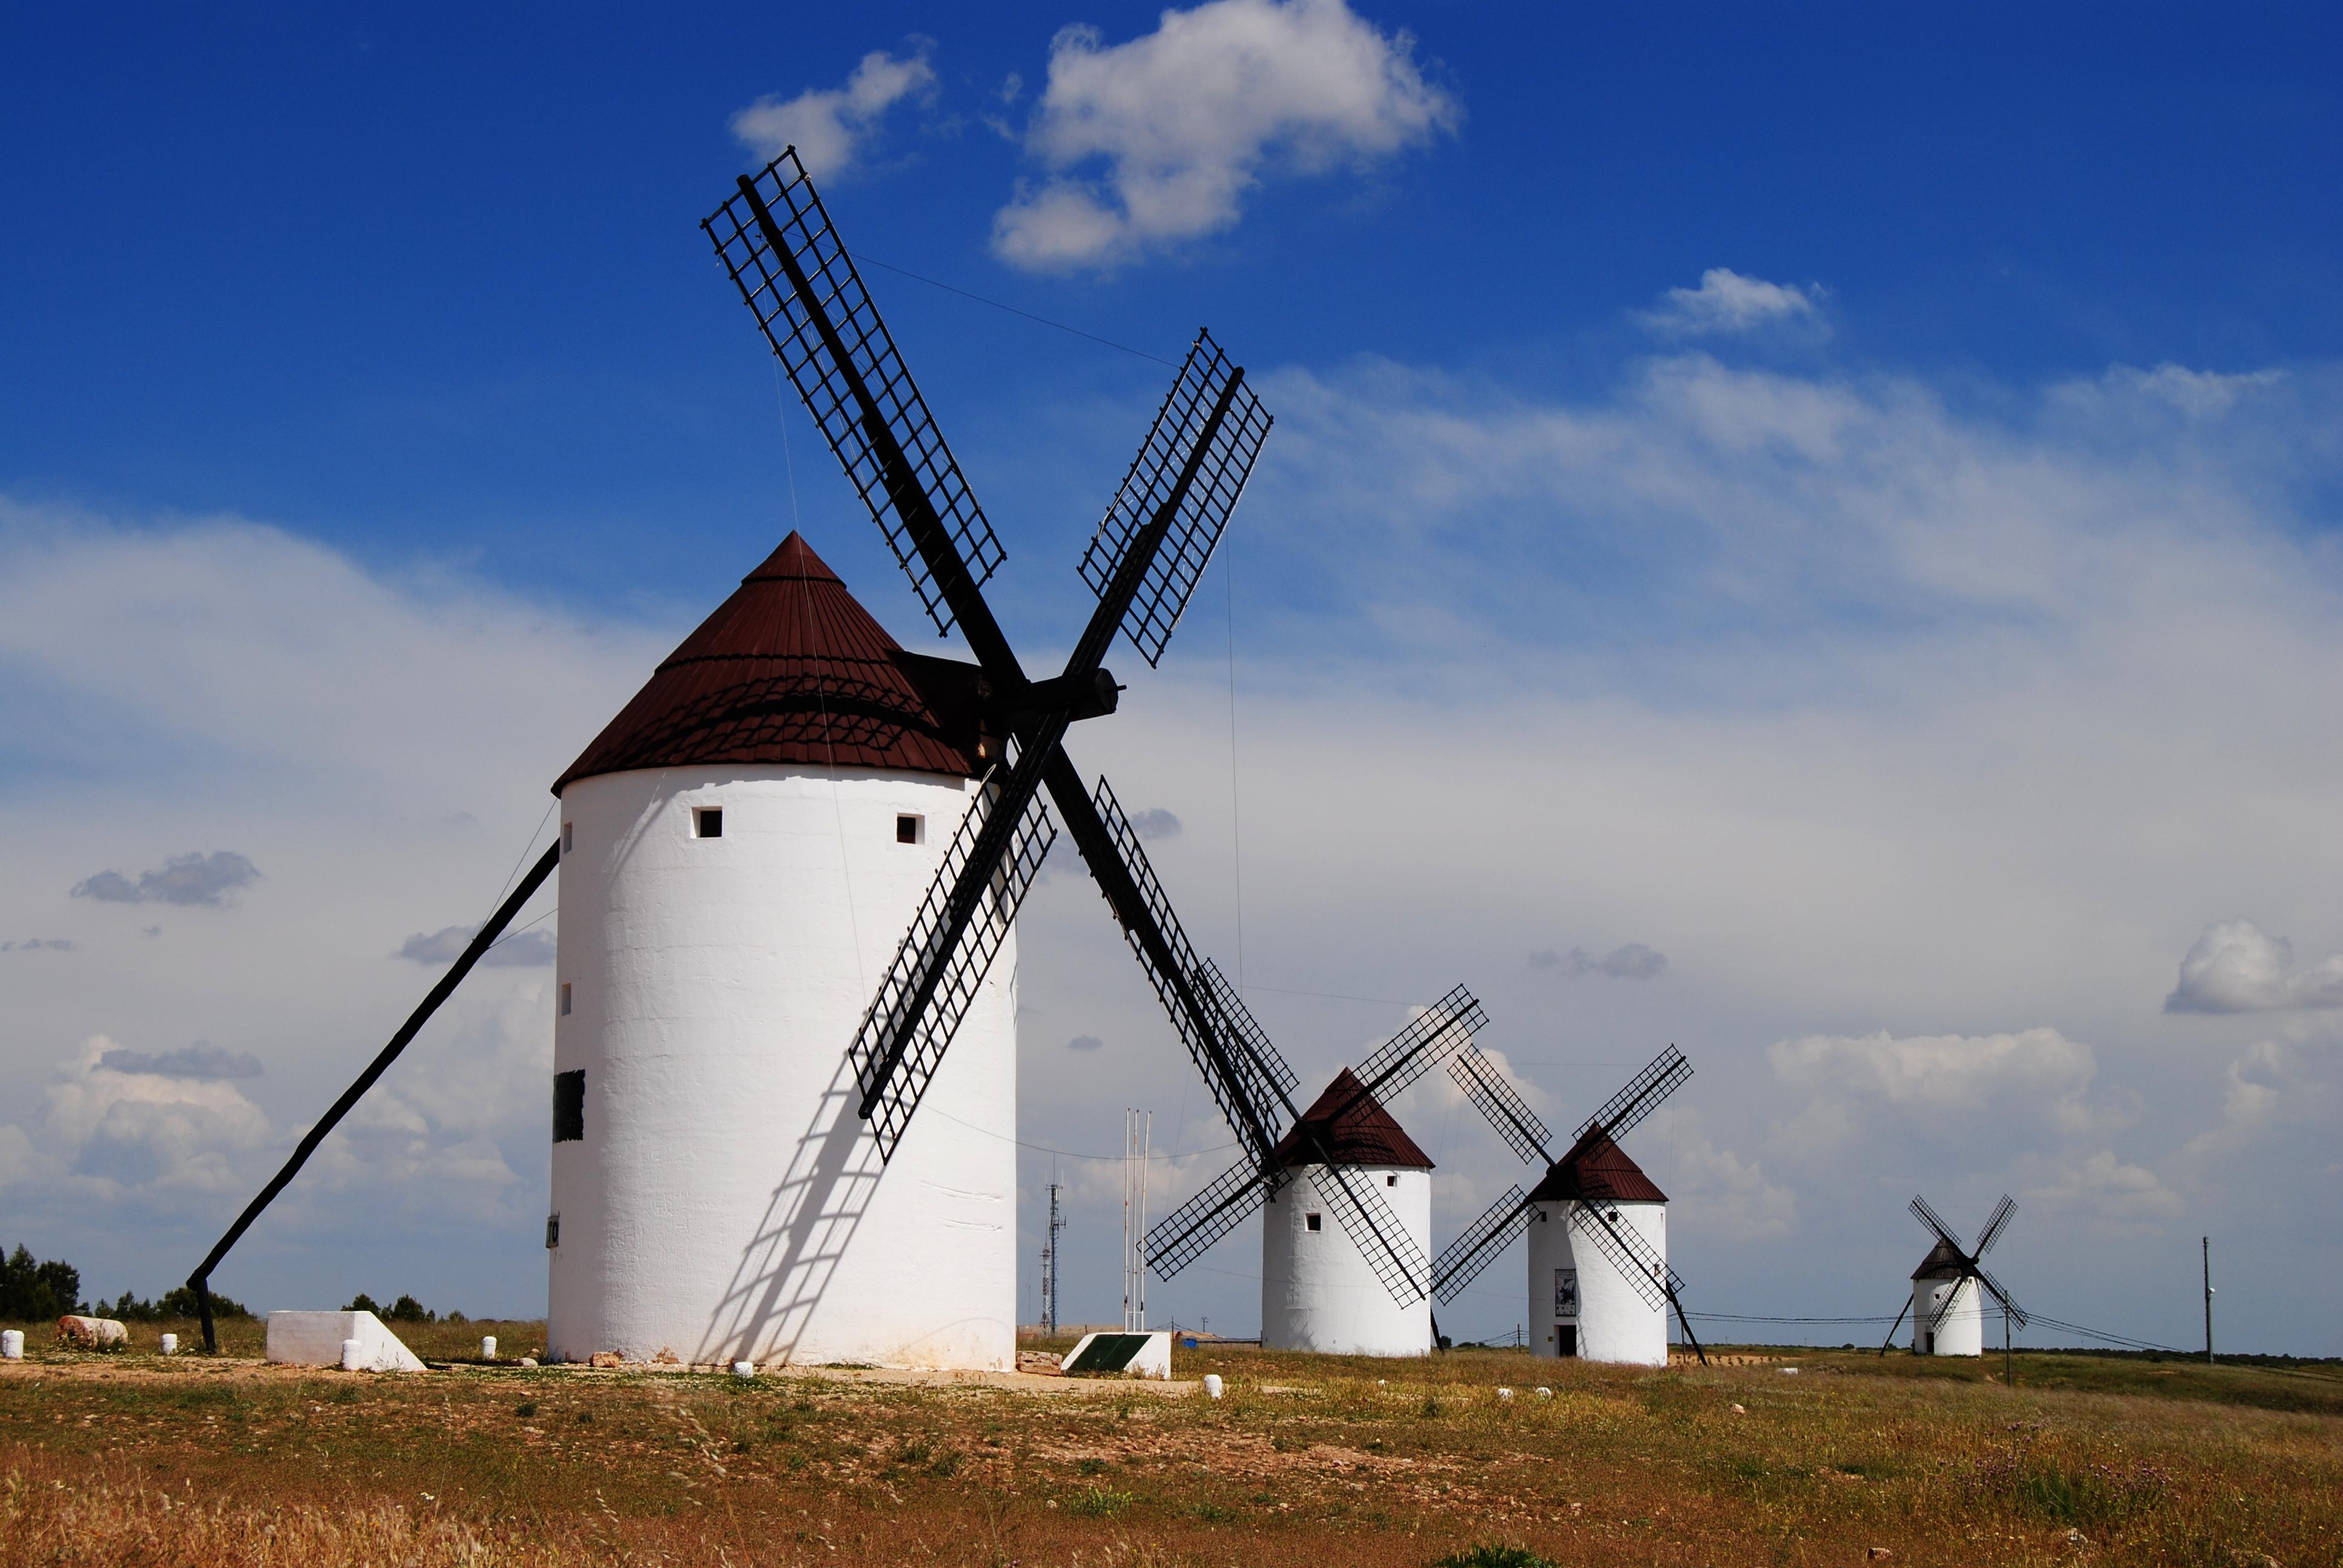 Molinos de mota del cuervo fotos de concurso la foto del for Piscina molino de viento y sombrilla